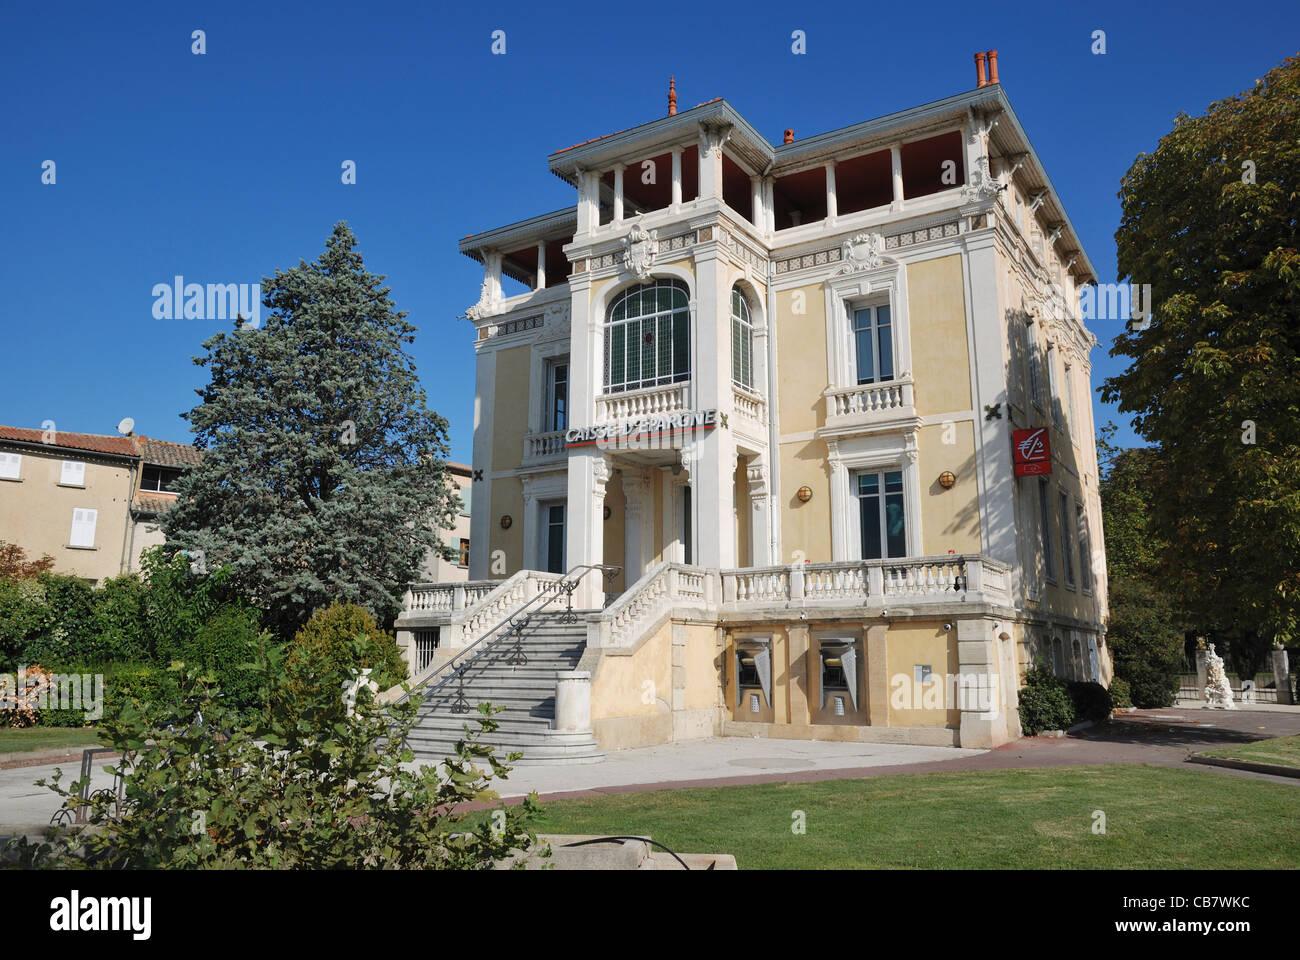 Caisse D Epargne L Isle Sur La Sorgue Vaucluse Provence Alpes